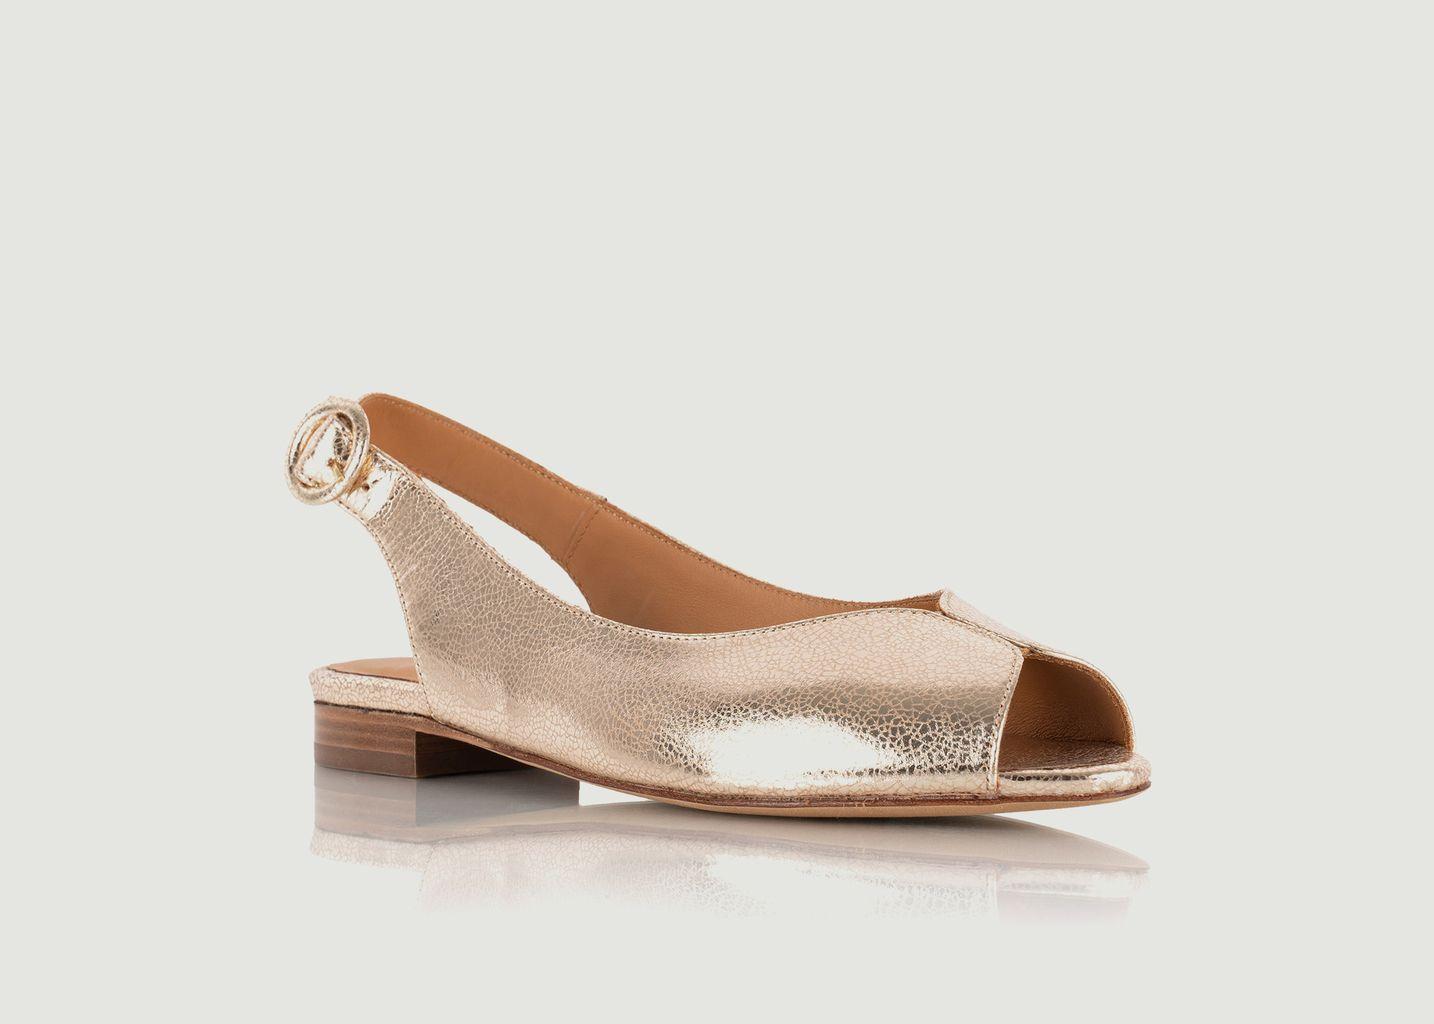 Sandales plates en cuir craquelé Lena - Bobbies Paris